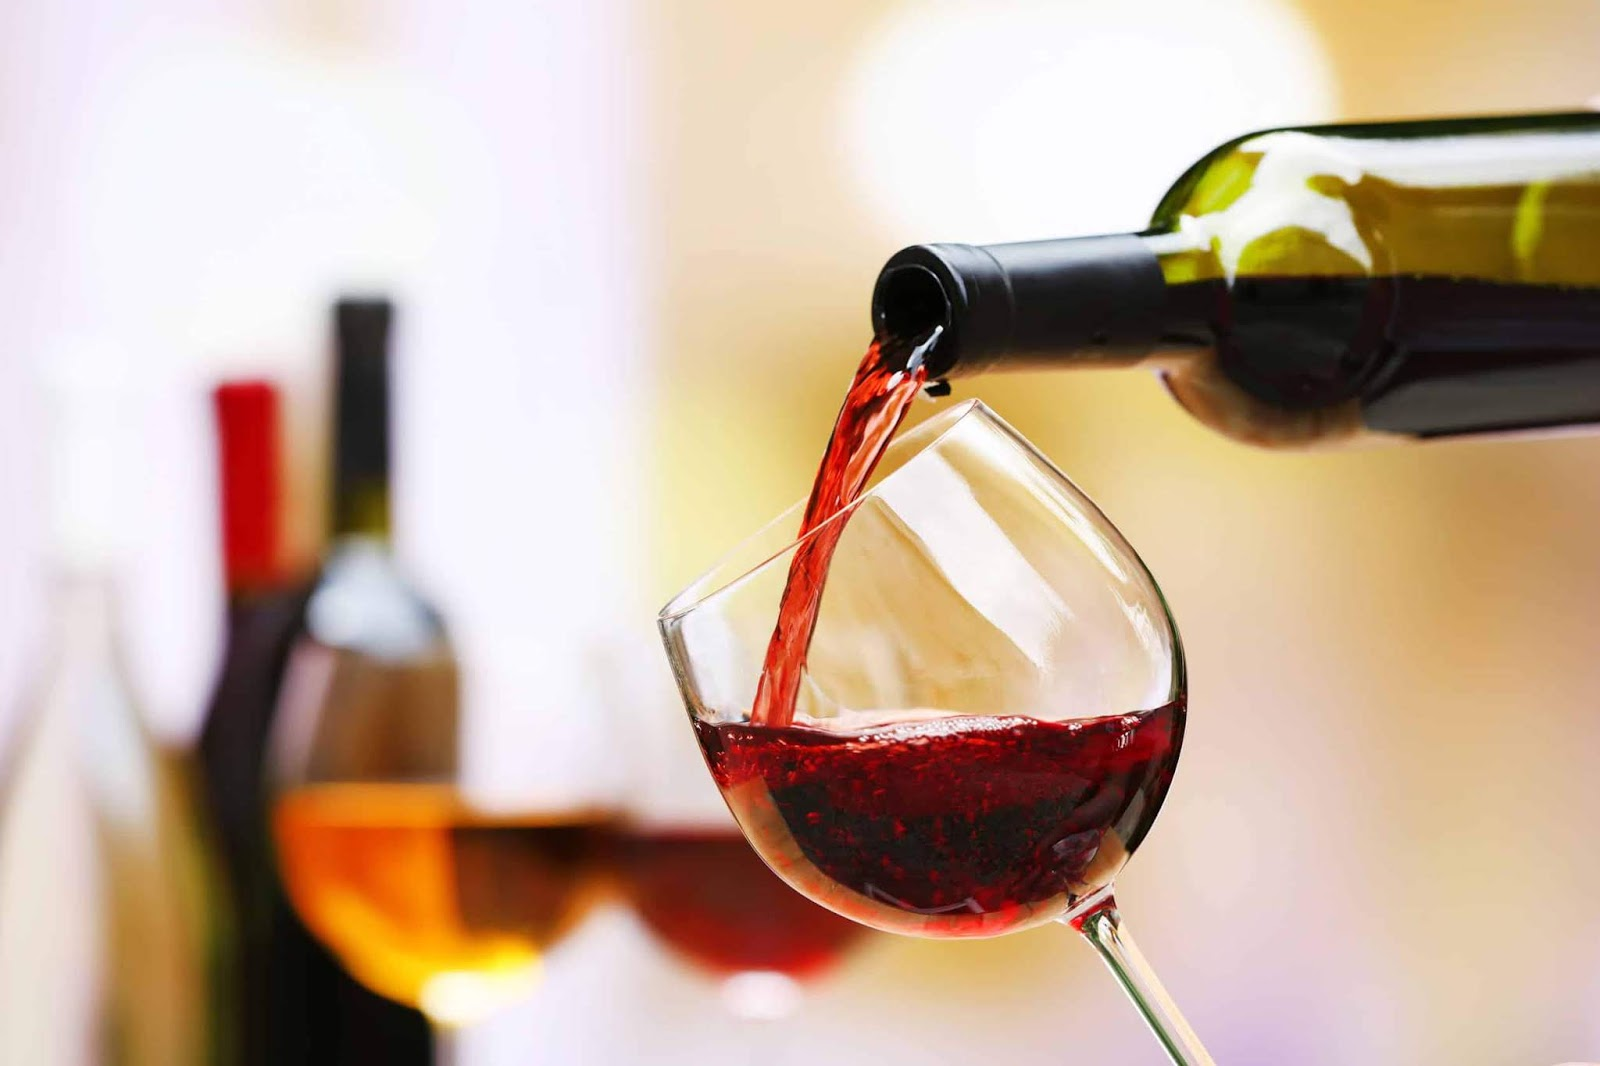 ¿Por qué el vino tinto es amargo?